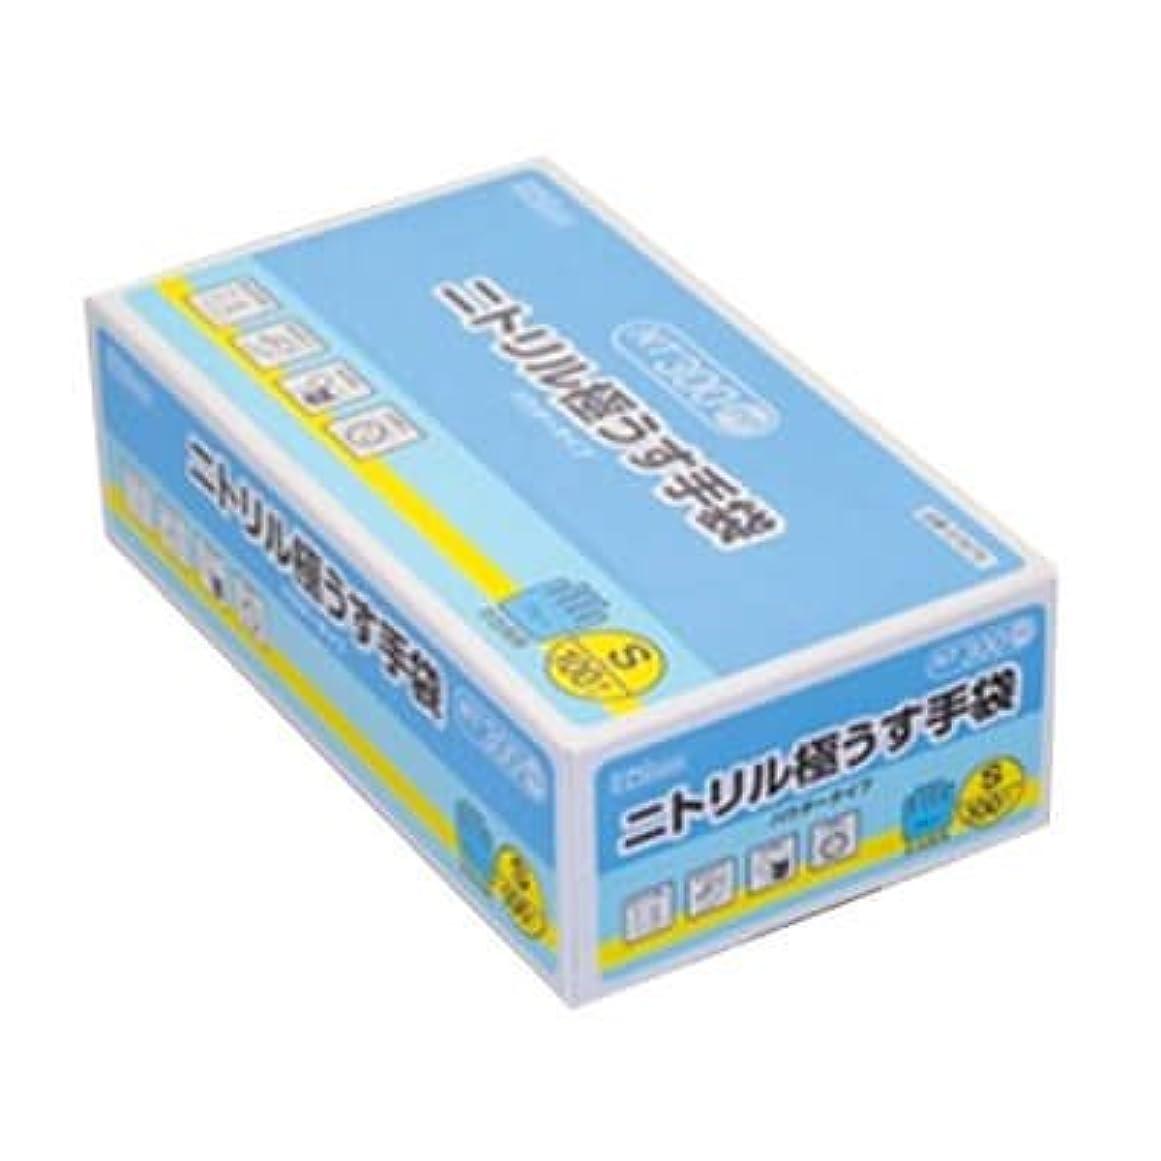 未接続彼の研磨【ケース販売】 ダンロップ ニトリル極うす手袋 粉付 S ブルー NT-300 (100枚入×20箱)